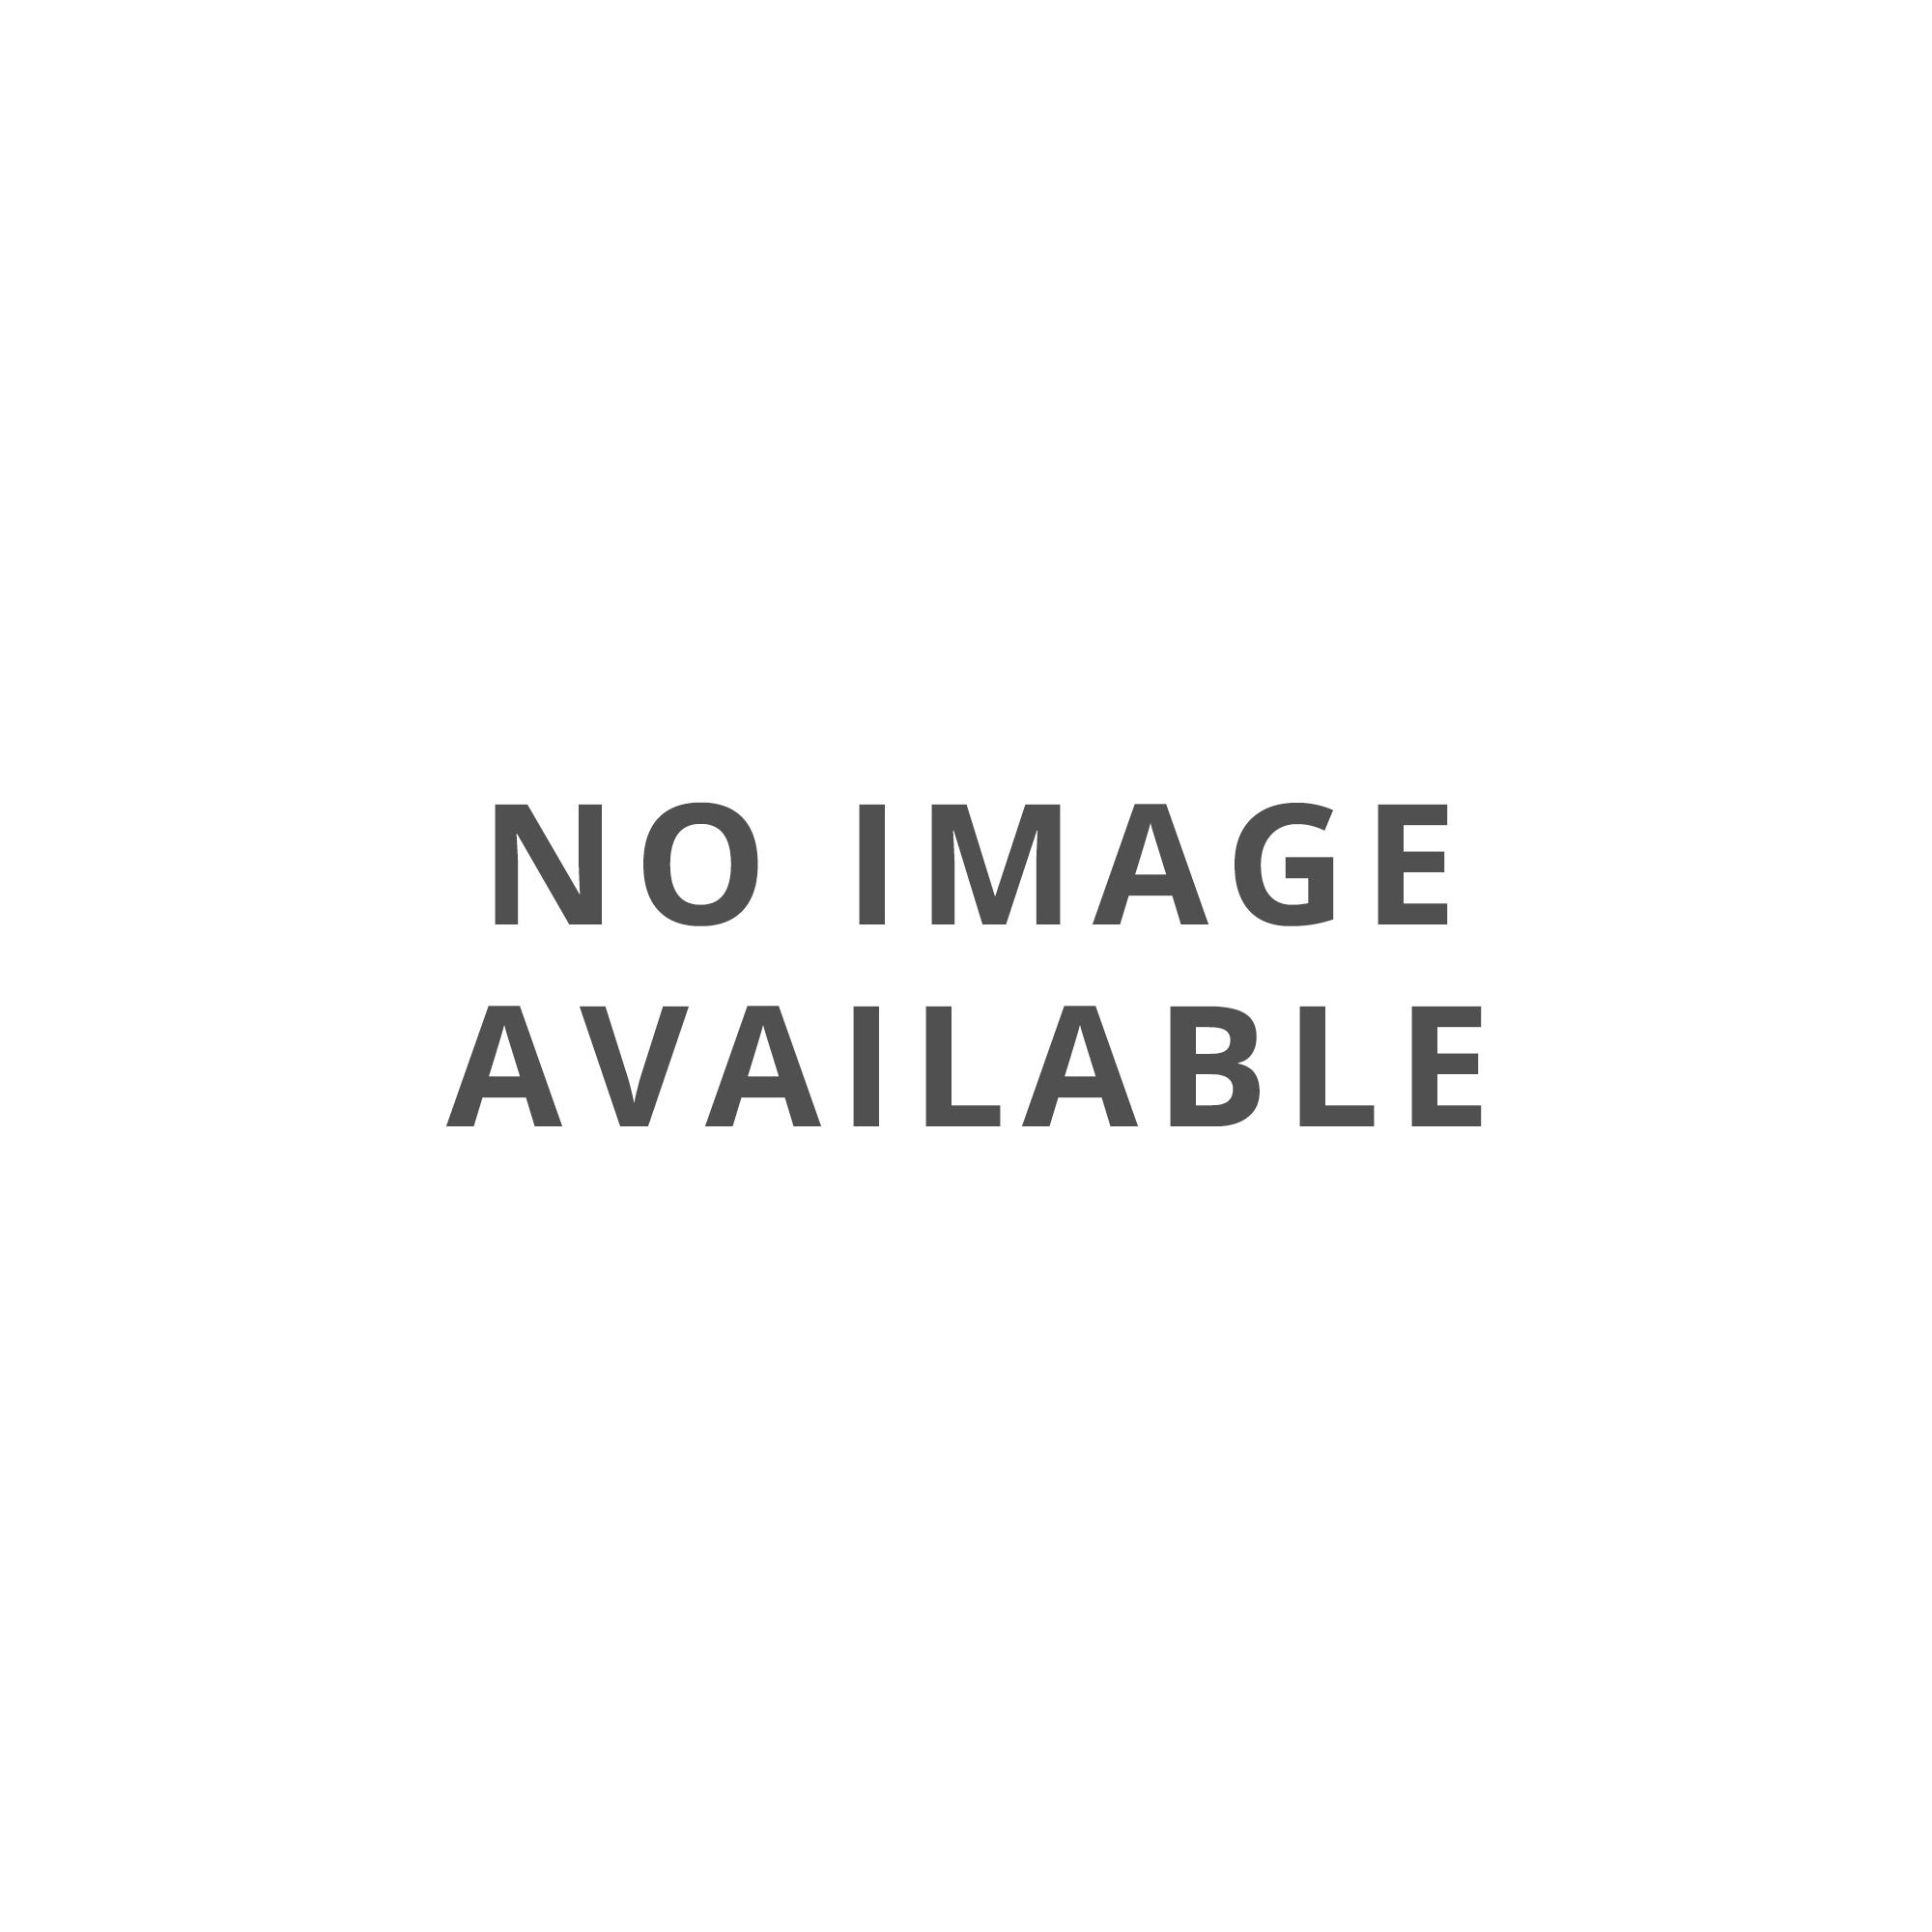 cda stainless steel round bowl kitchen sink kr21ss p2209 96532 zoom